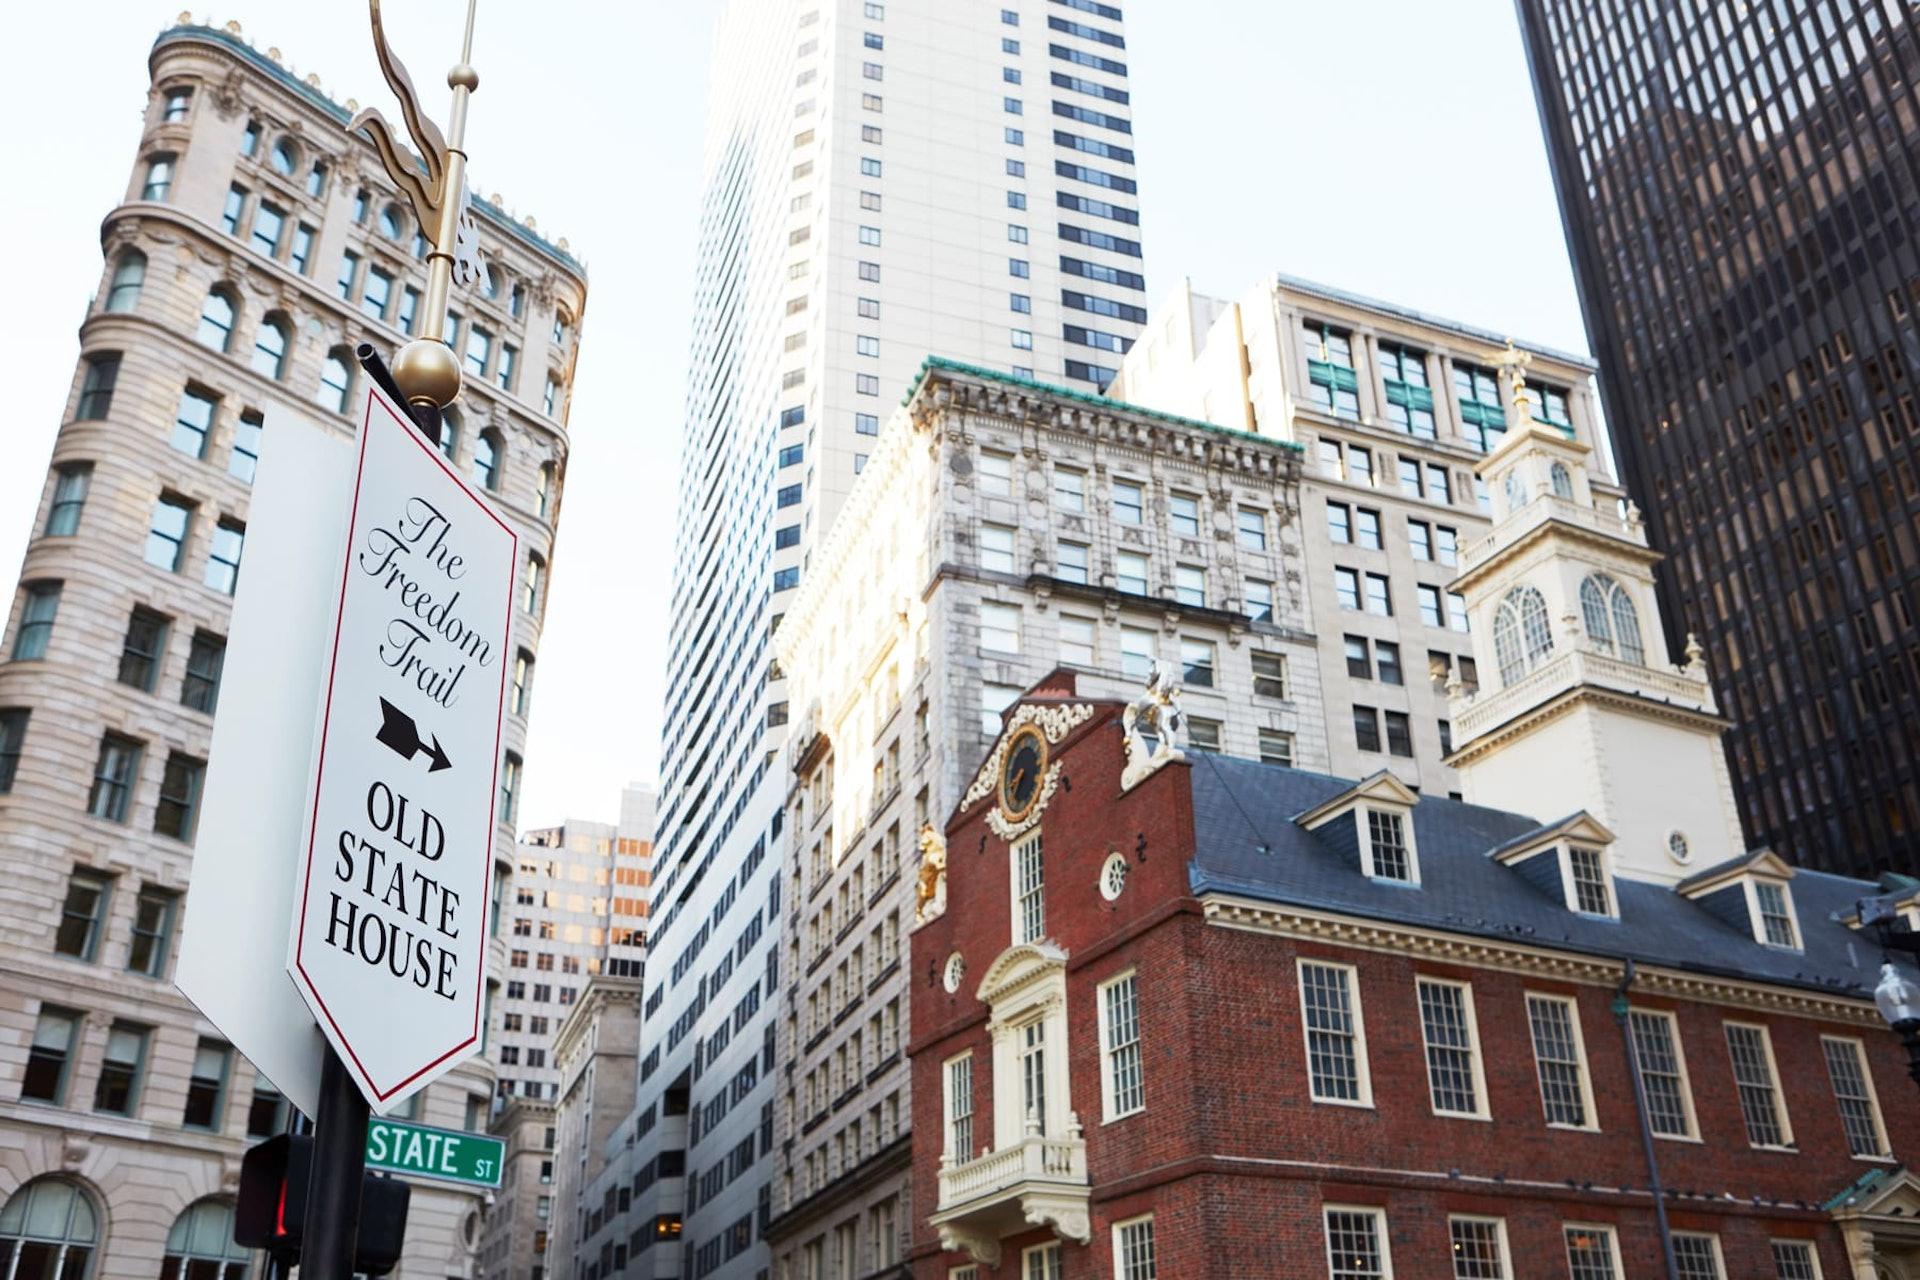 Skyscraper in Boston